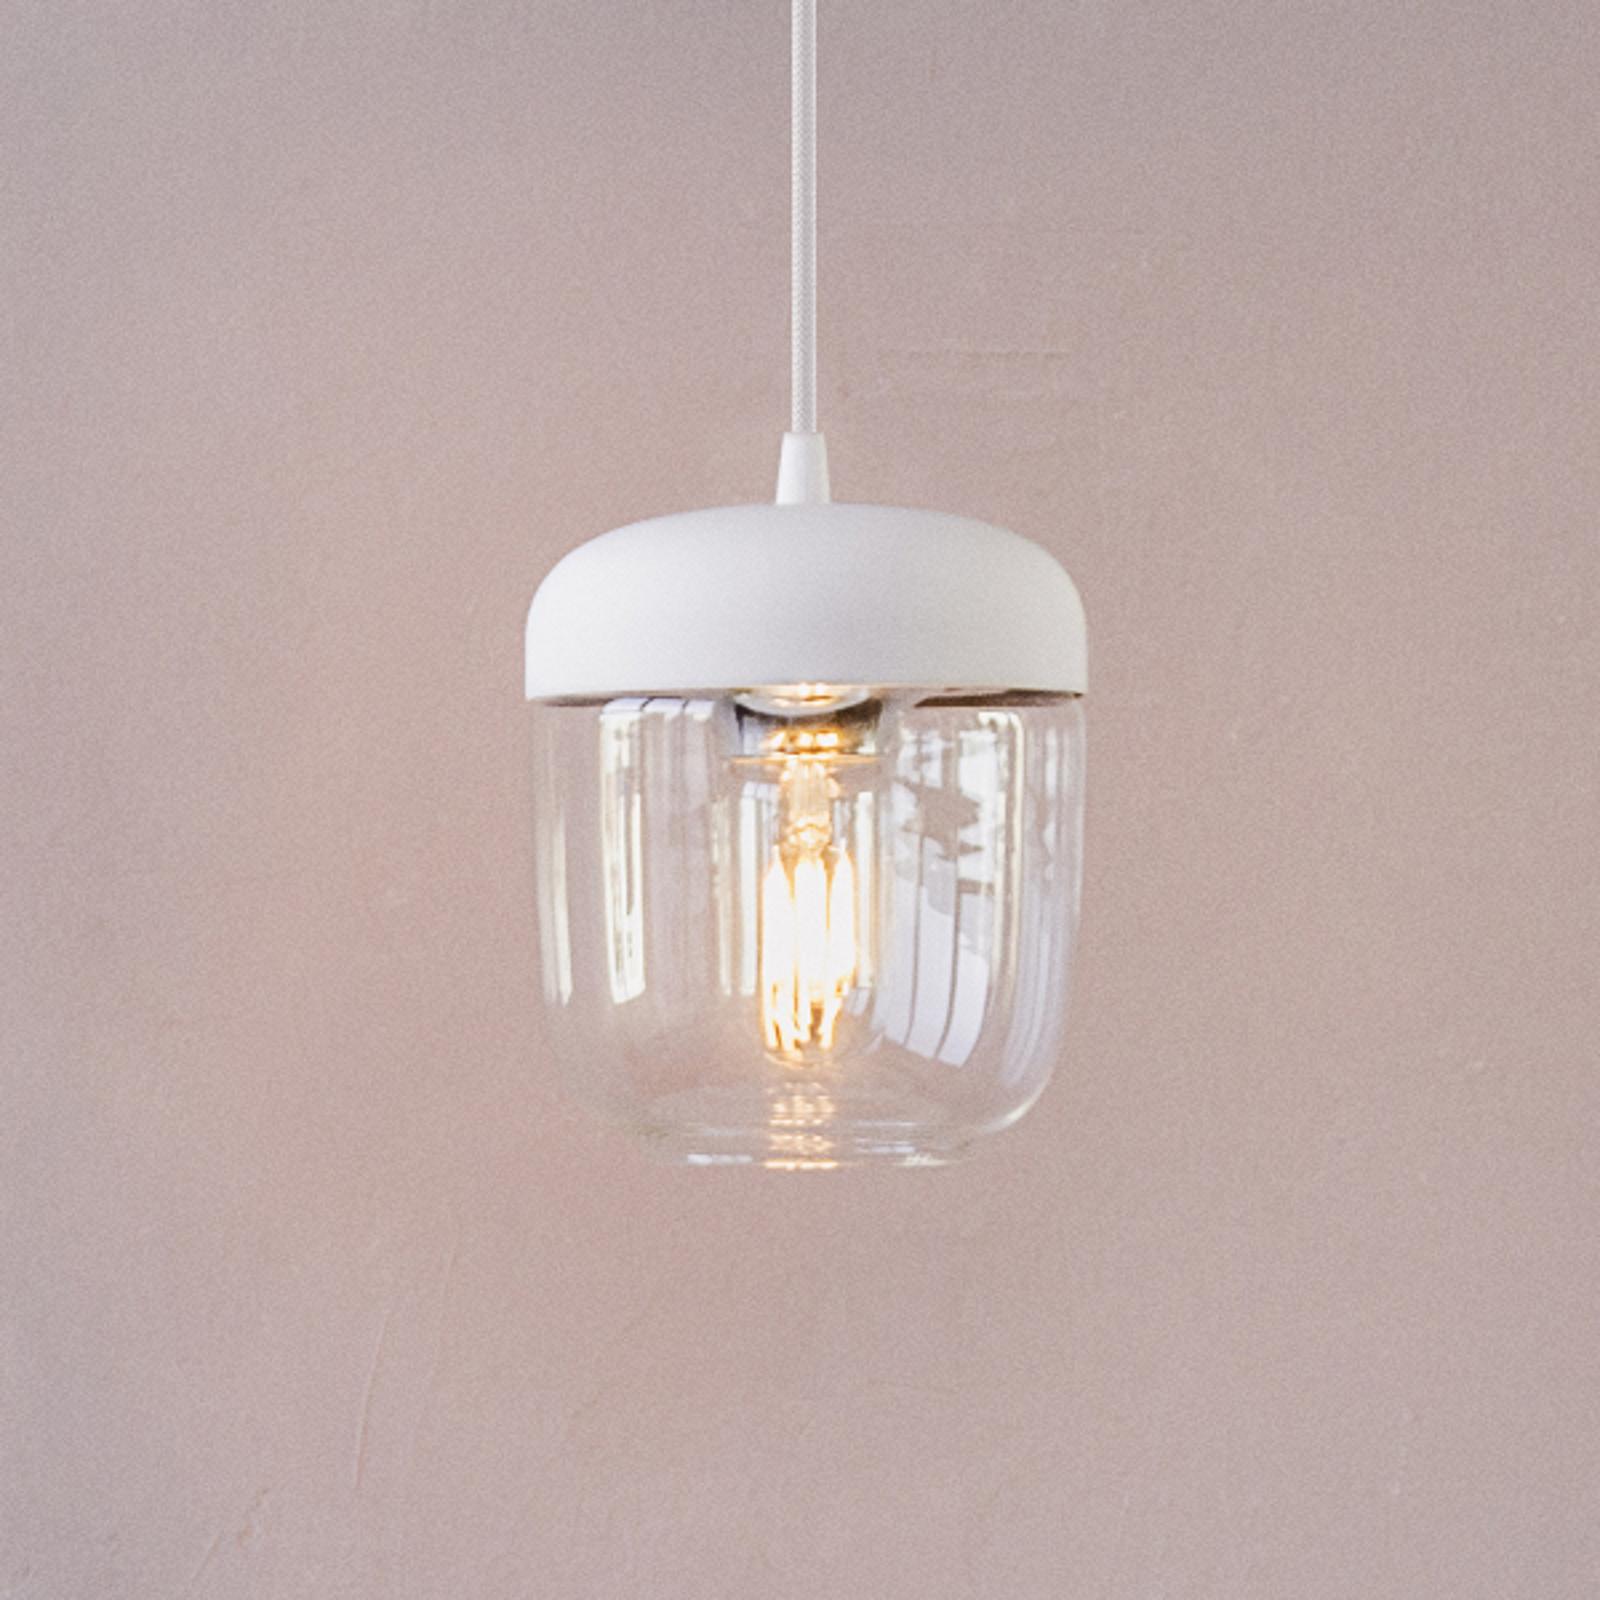 UMAGE Acorn hanglamp wit/messing